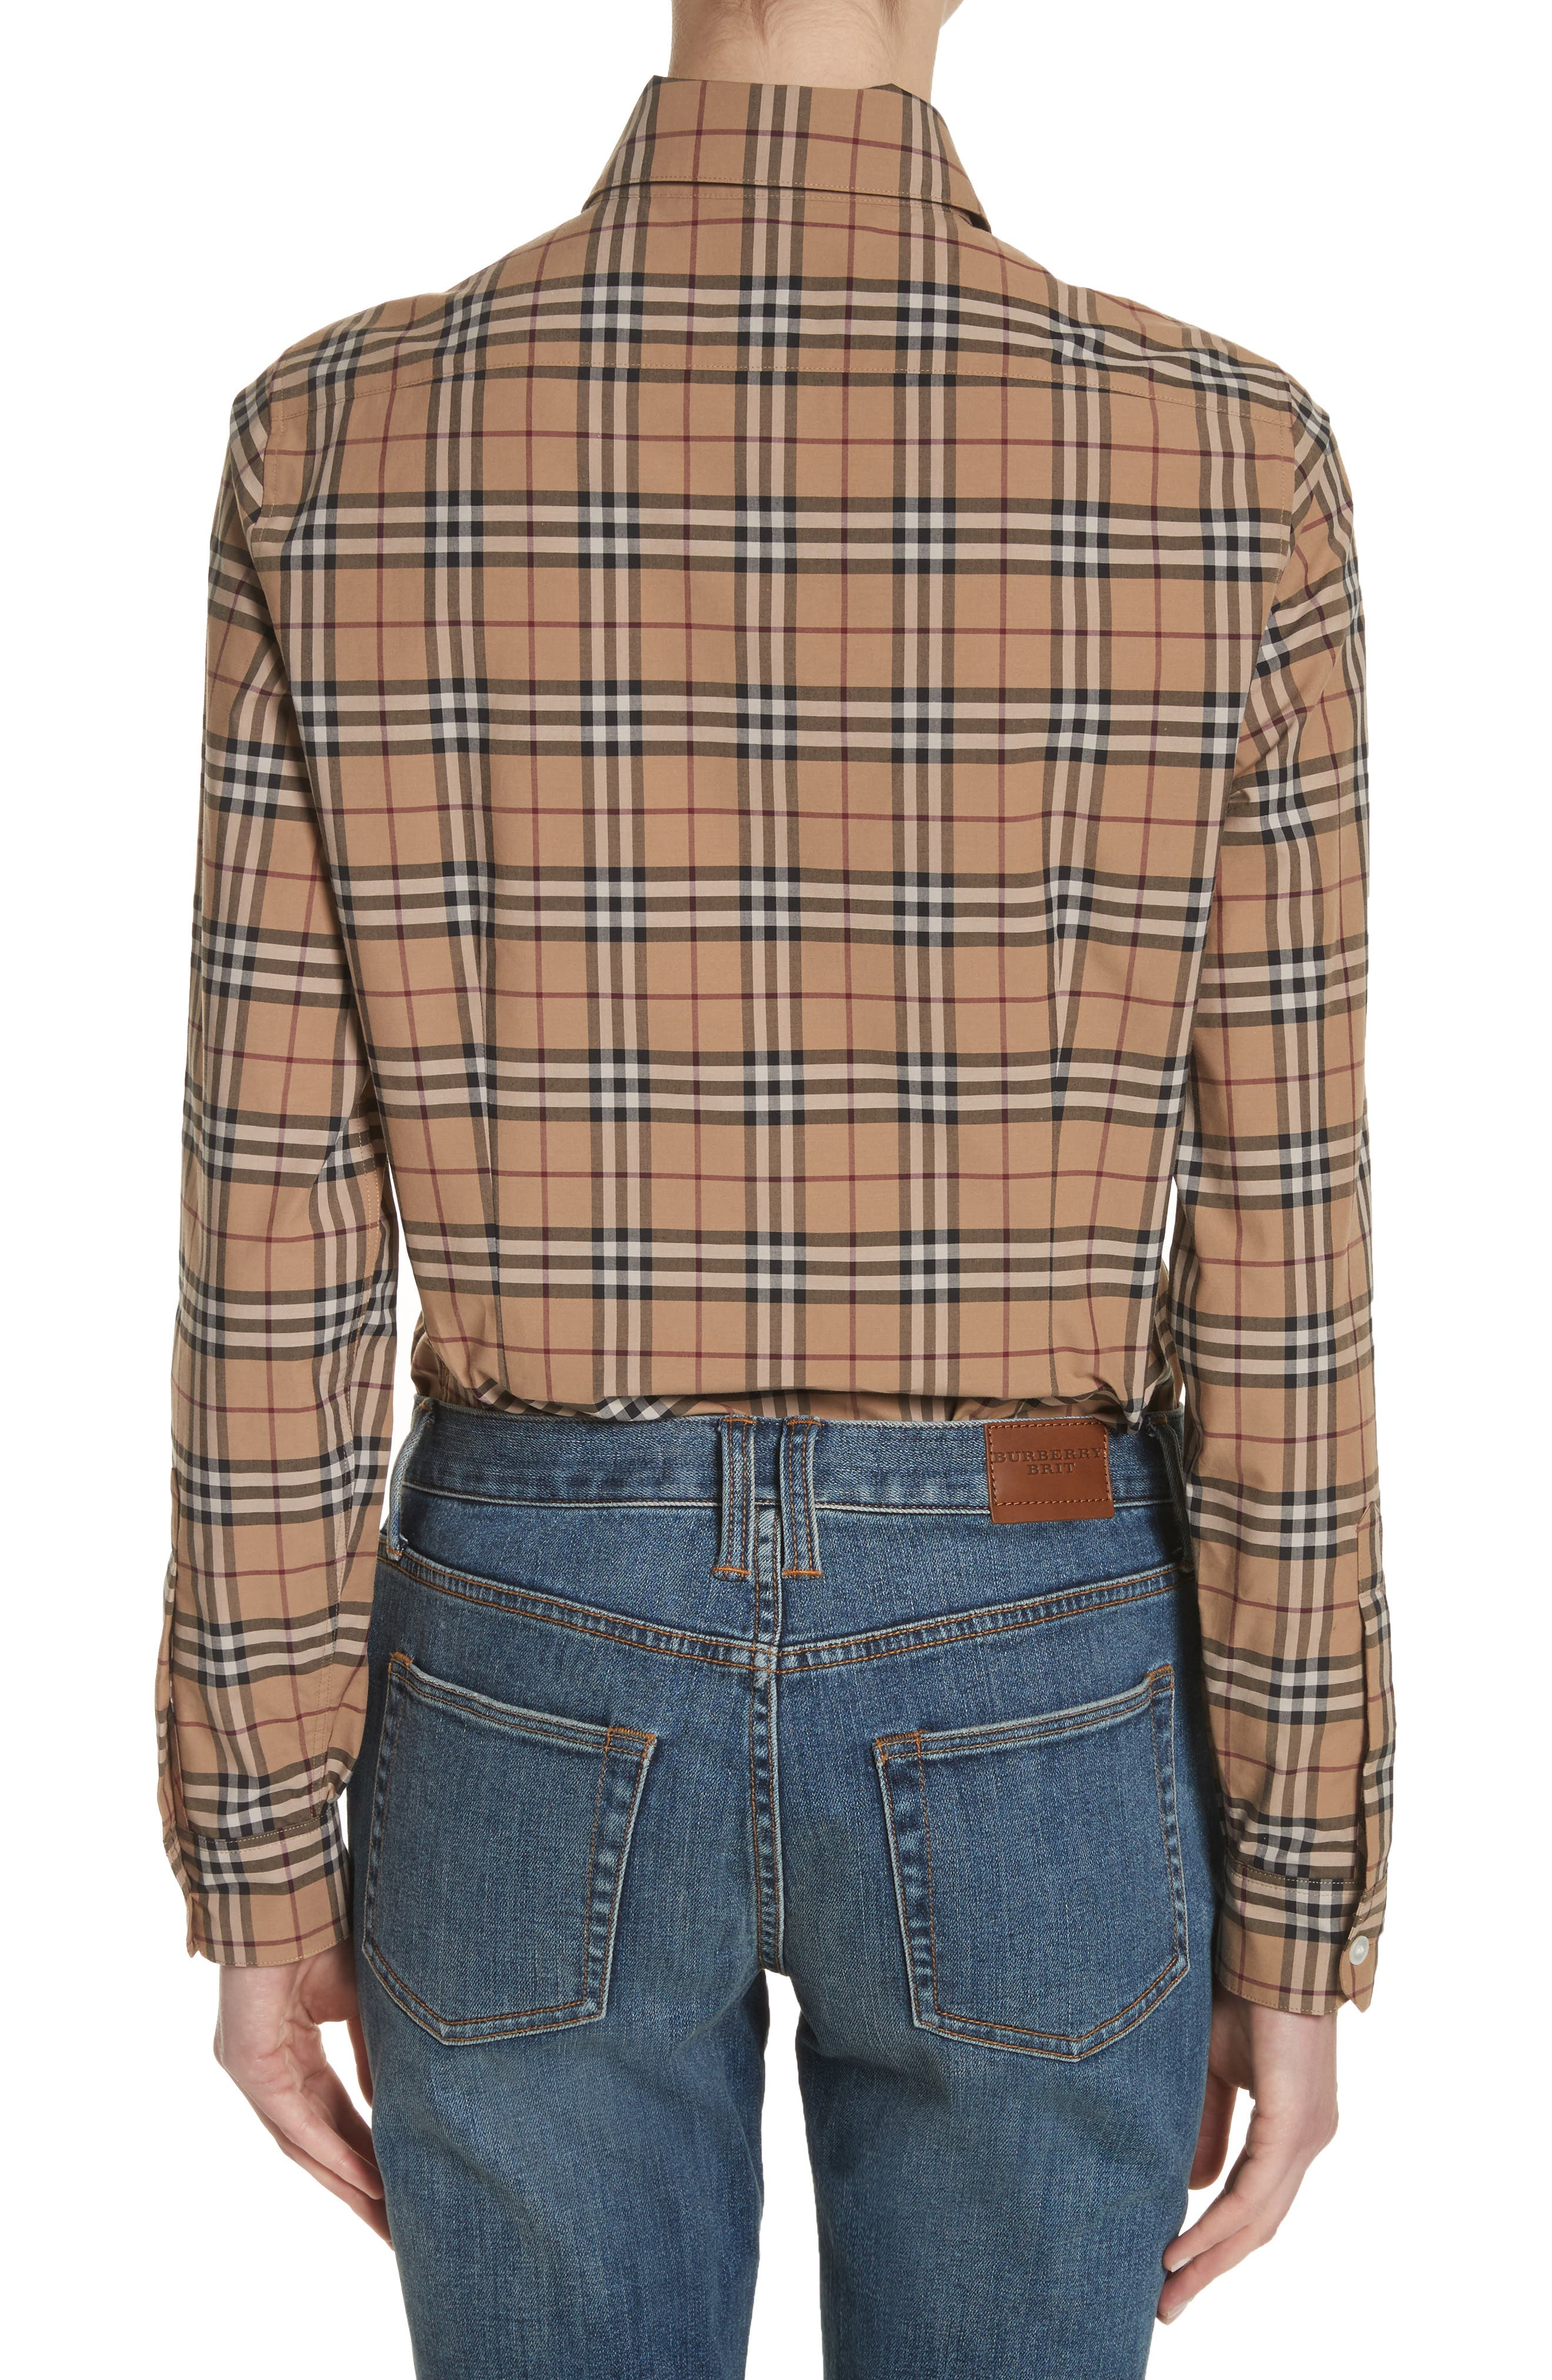 Vintage Check Cotton Shirt,                             Alternate thumbnail 2, color,                             231